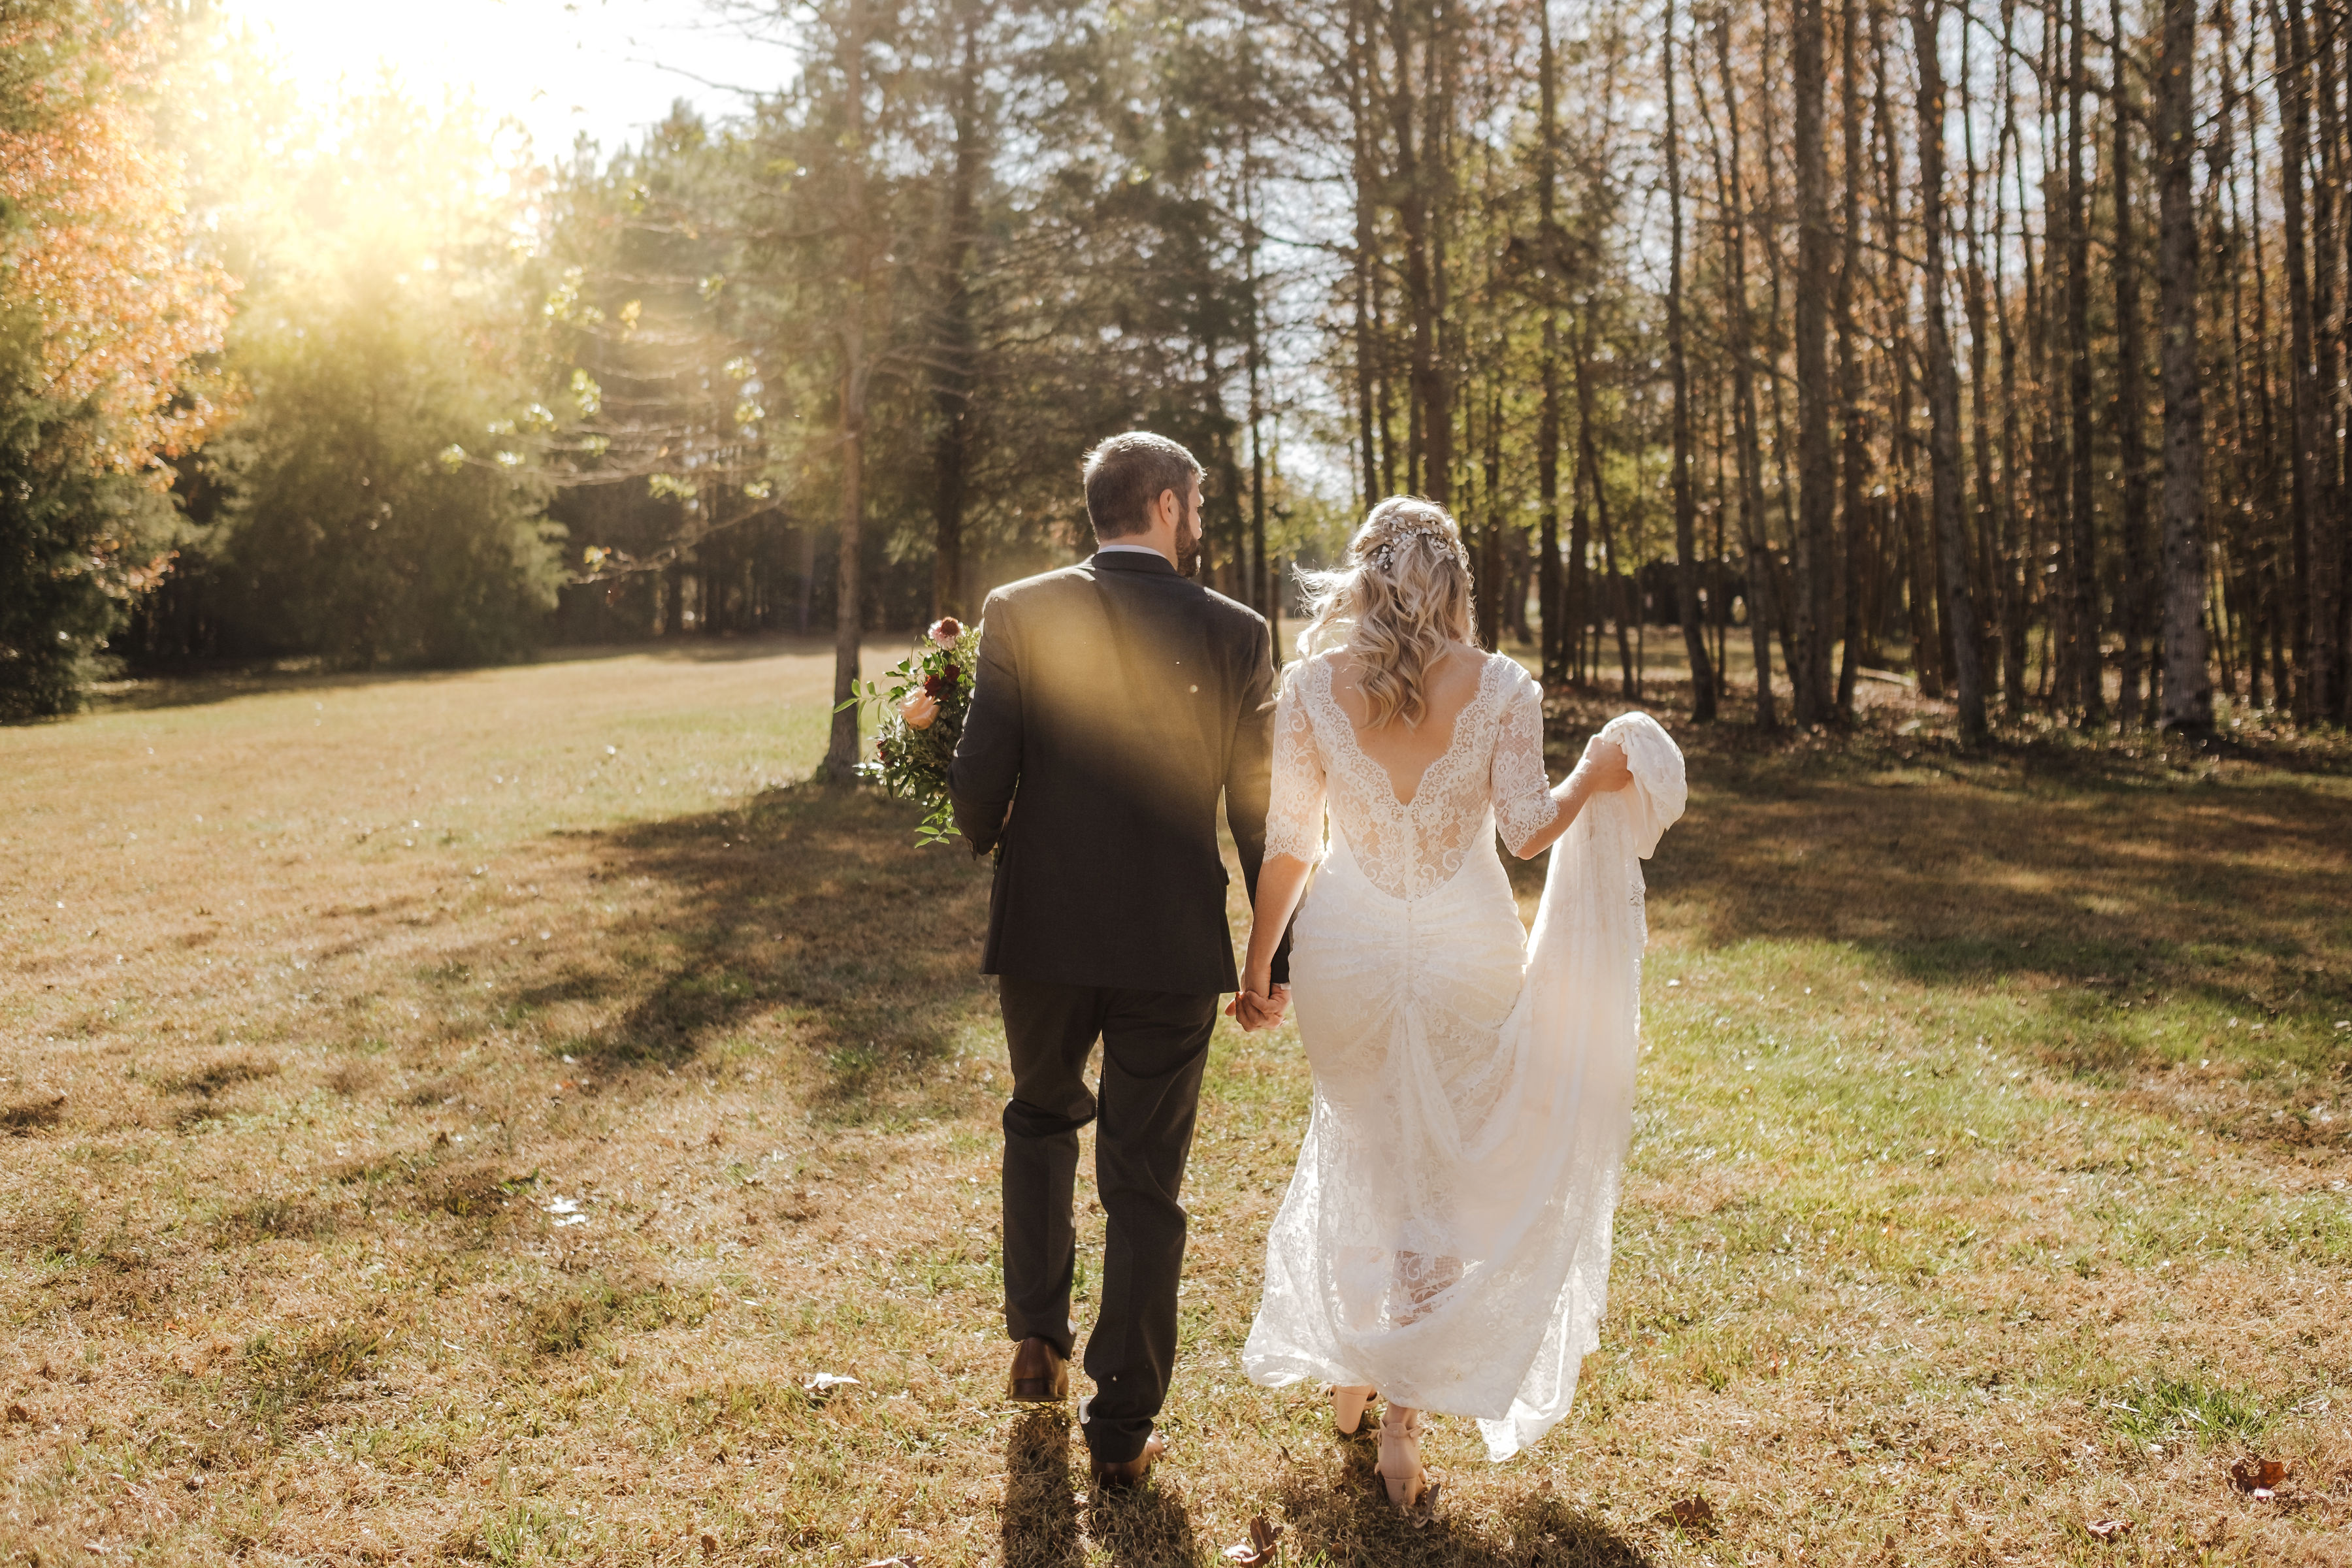 sunset elopement wedding